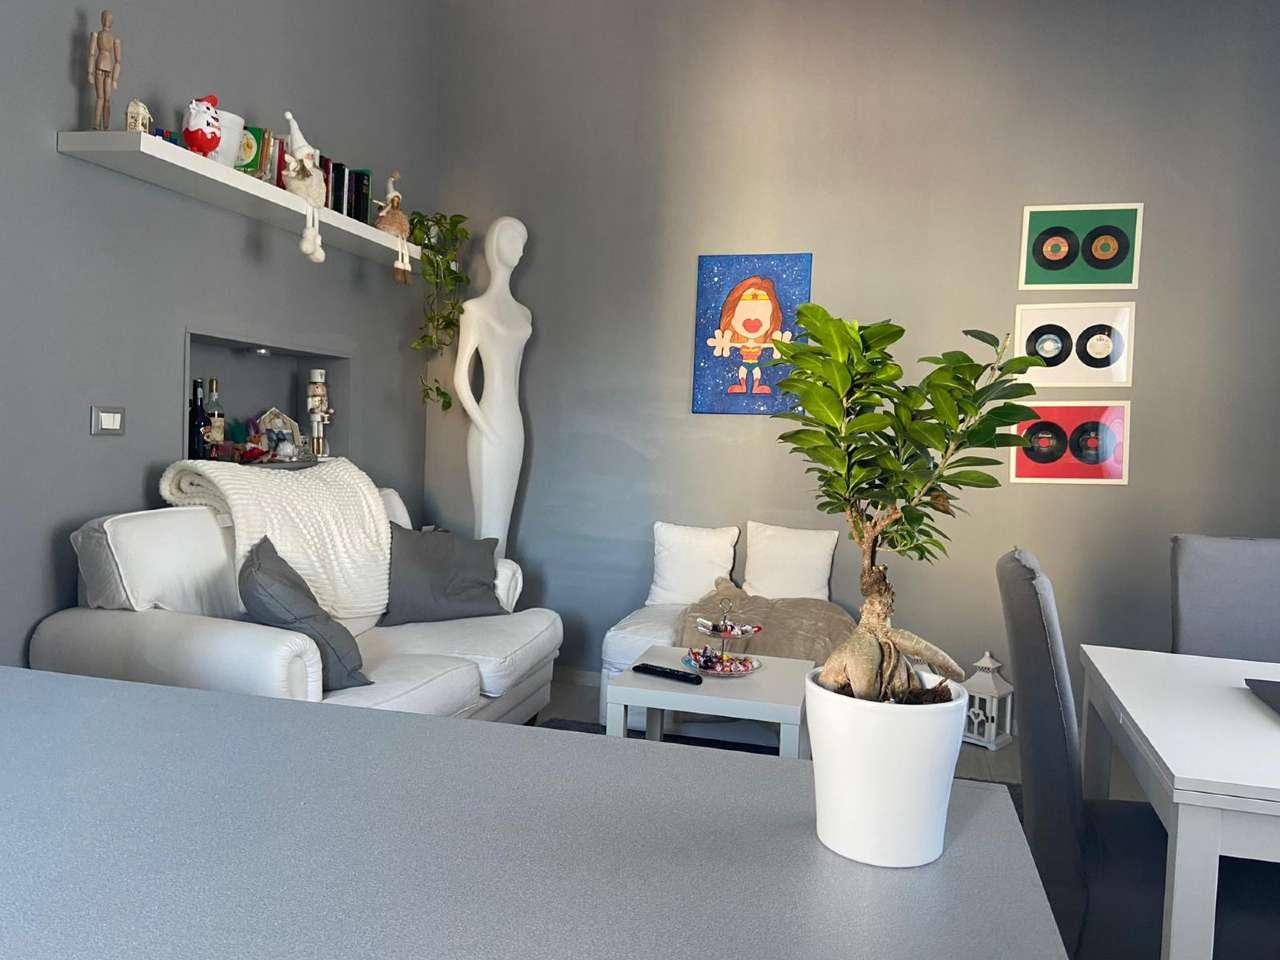 Appartamento, Viale degli Alimena, Centro, Cosenza, foto 4